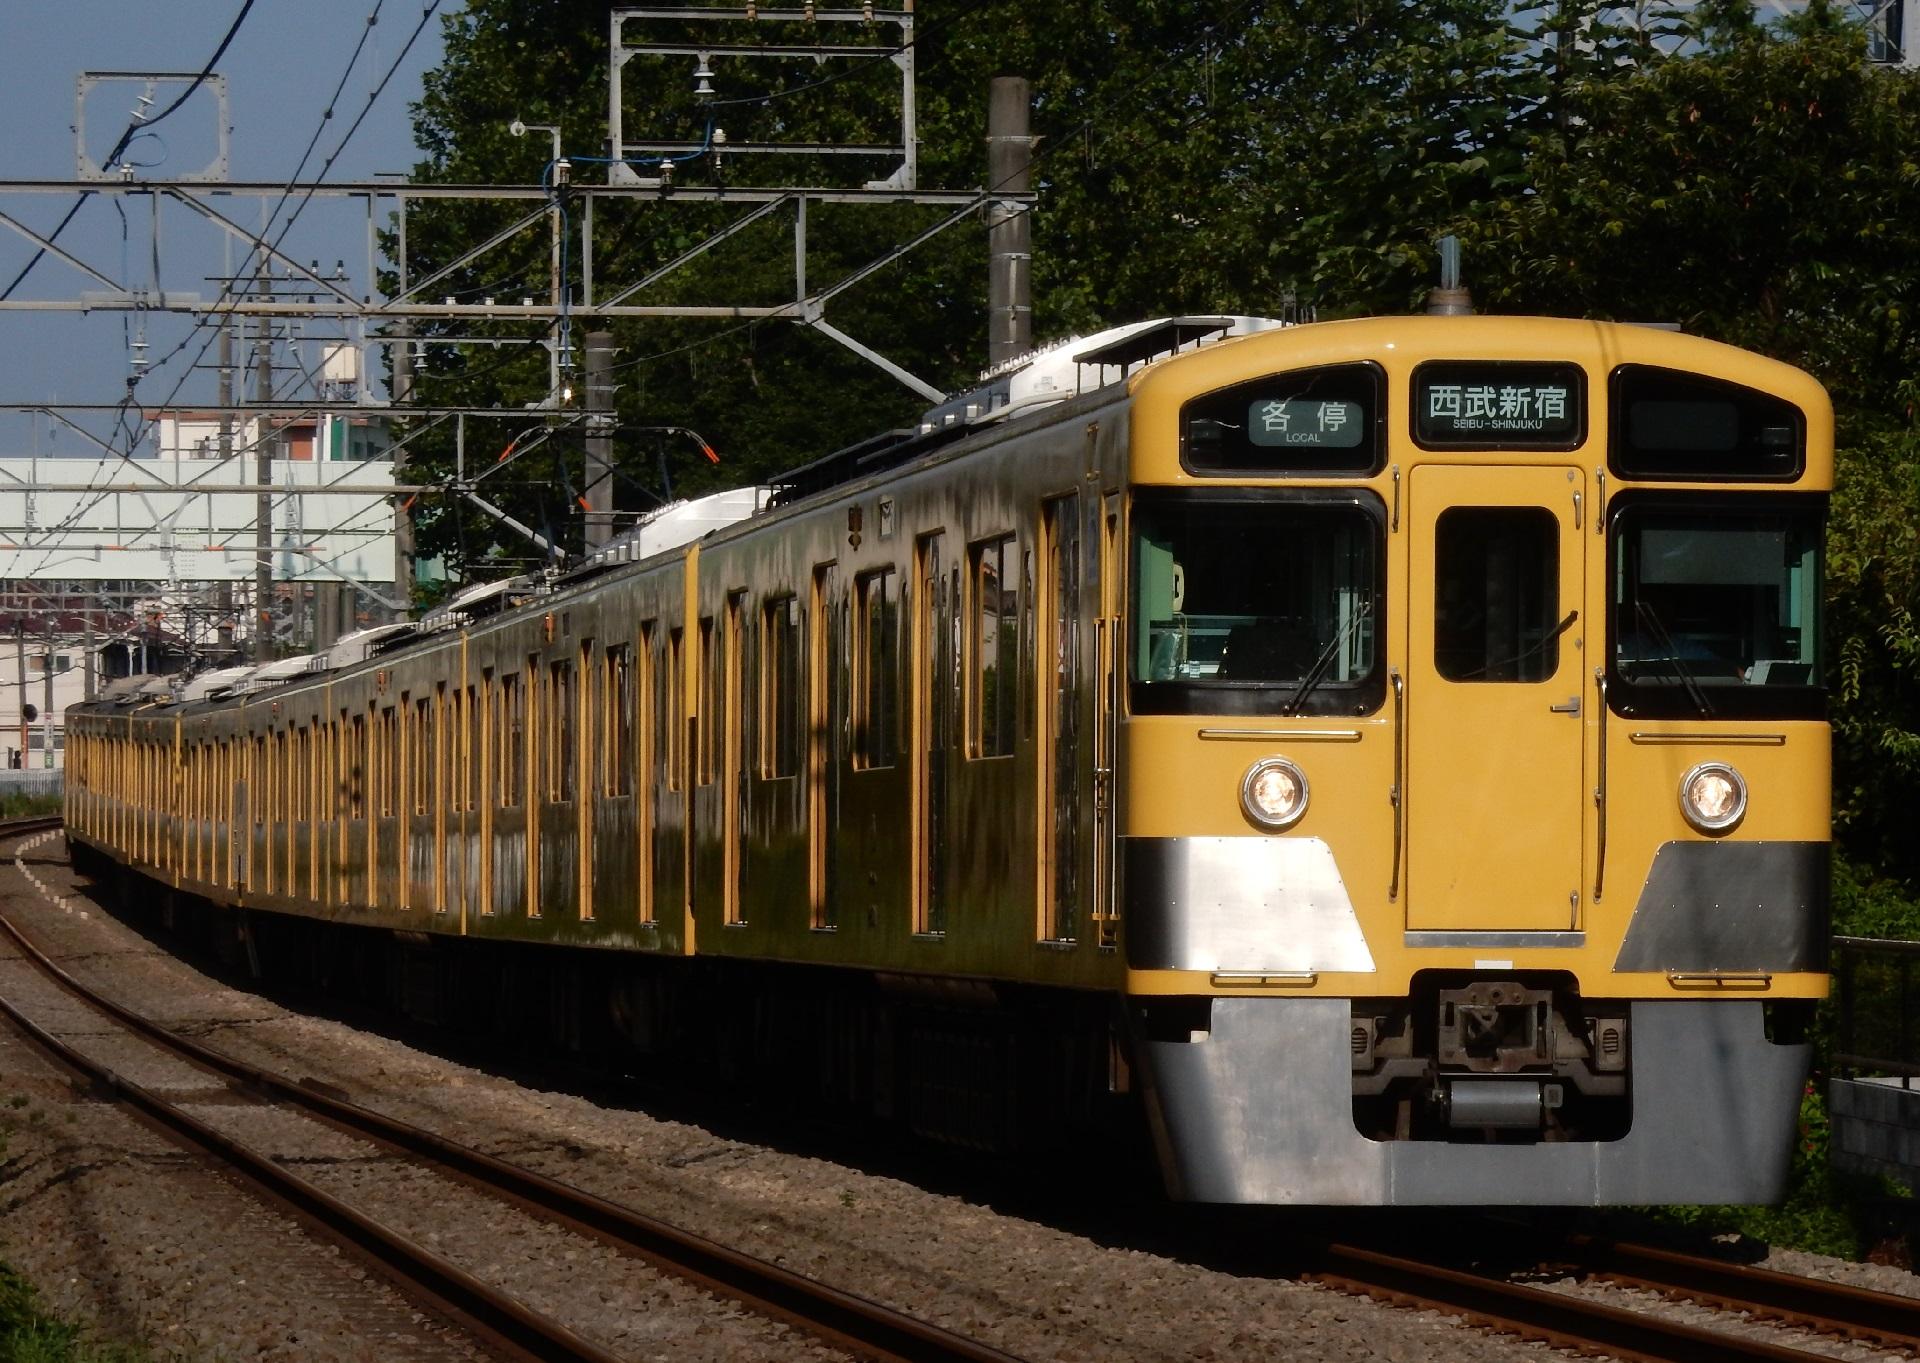 DSCN4799 - コピー